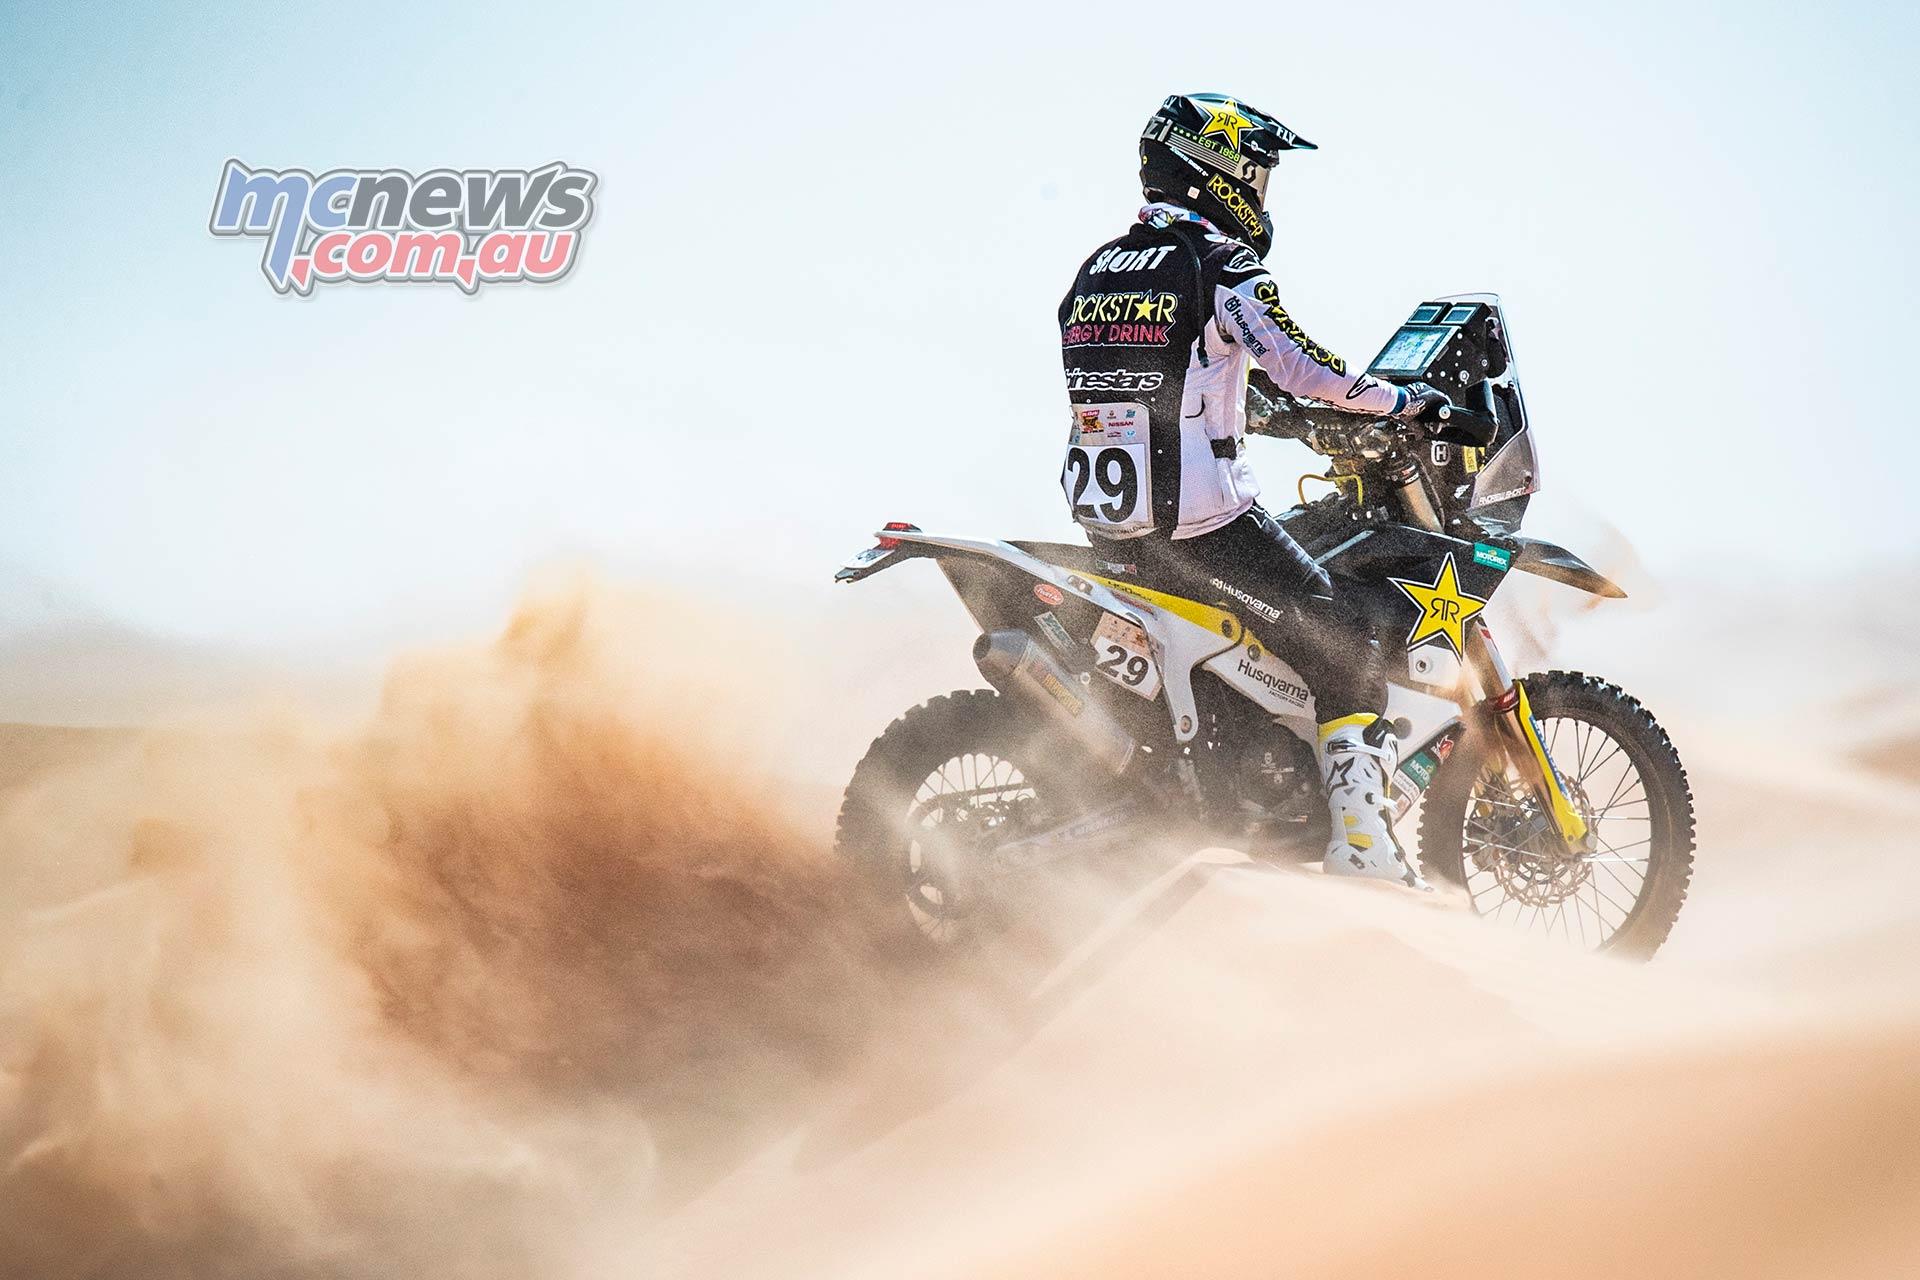 Abu Dhabi Desert Challenge Andrew Short